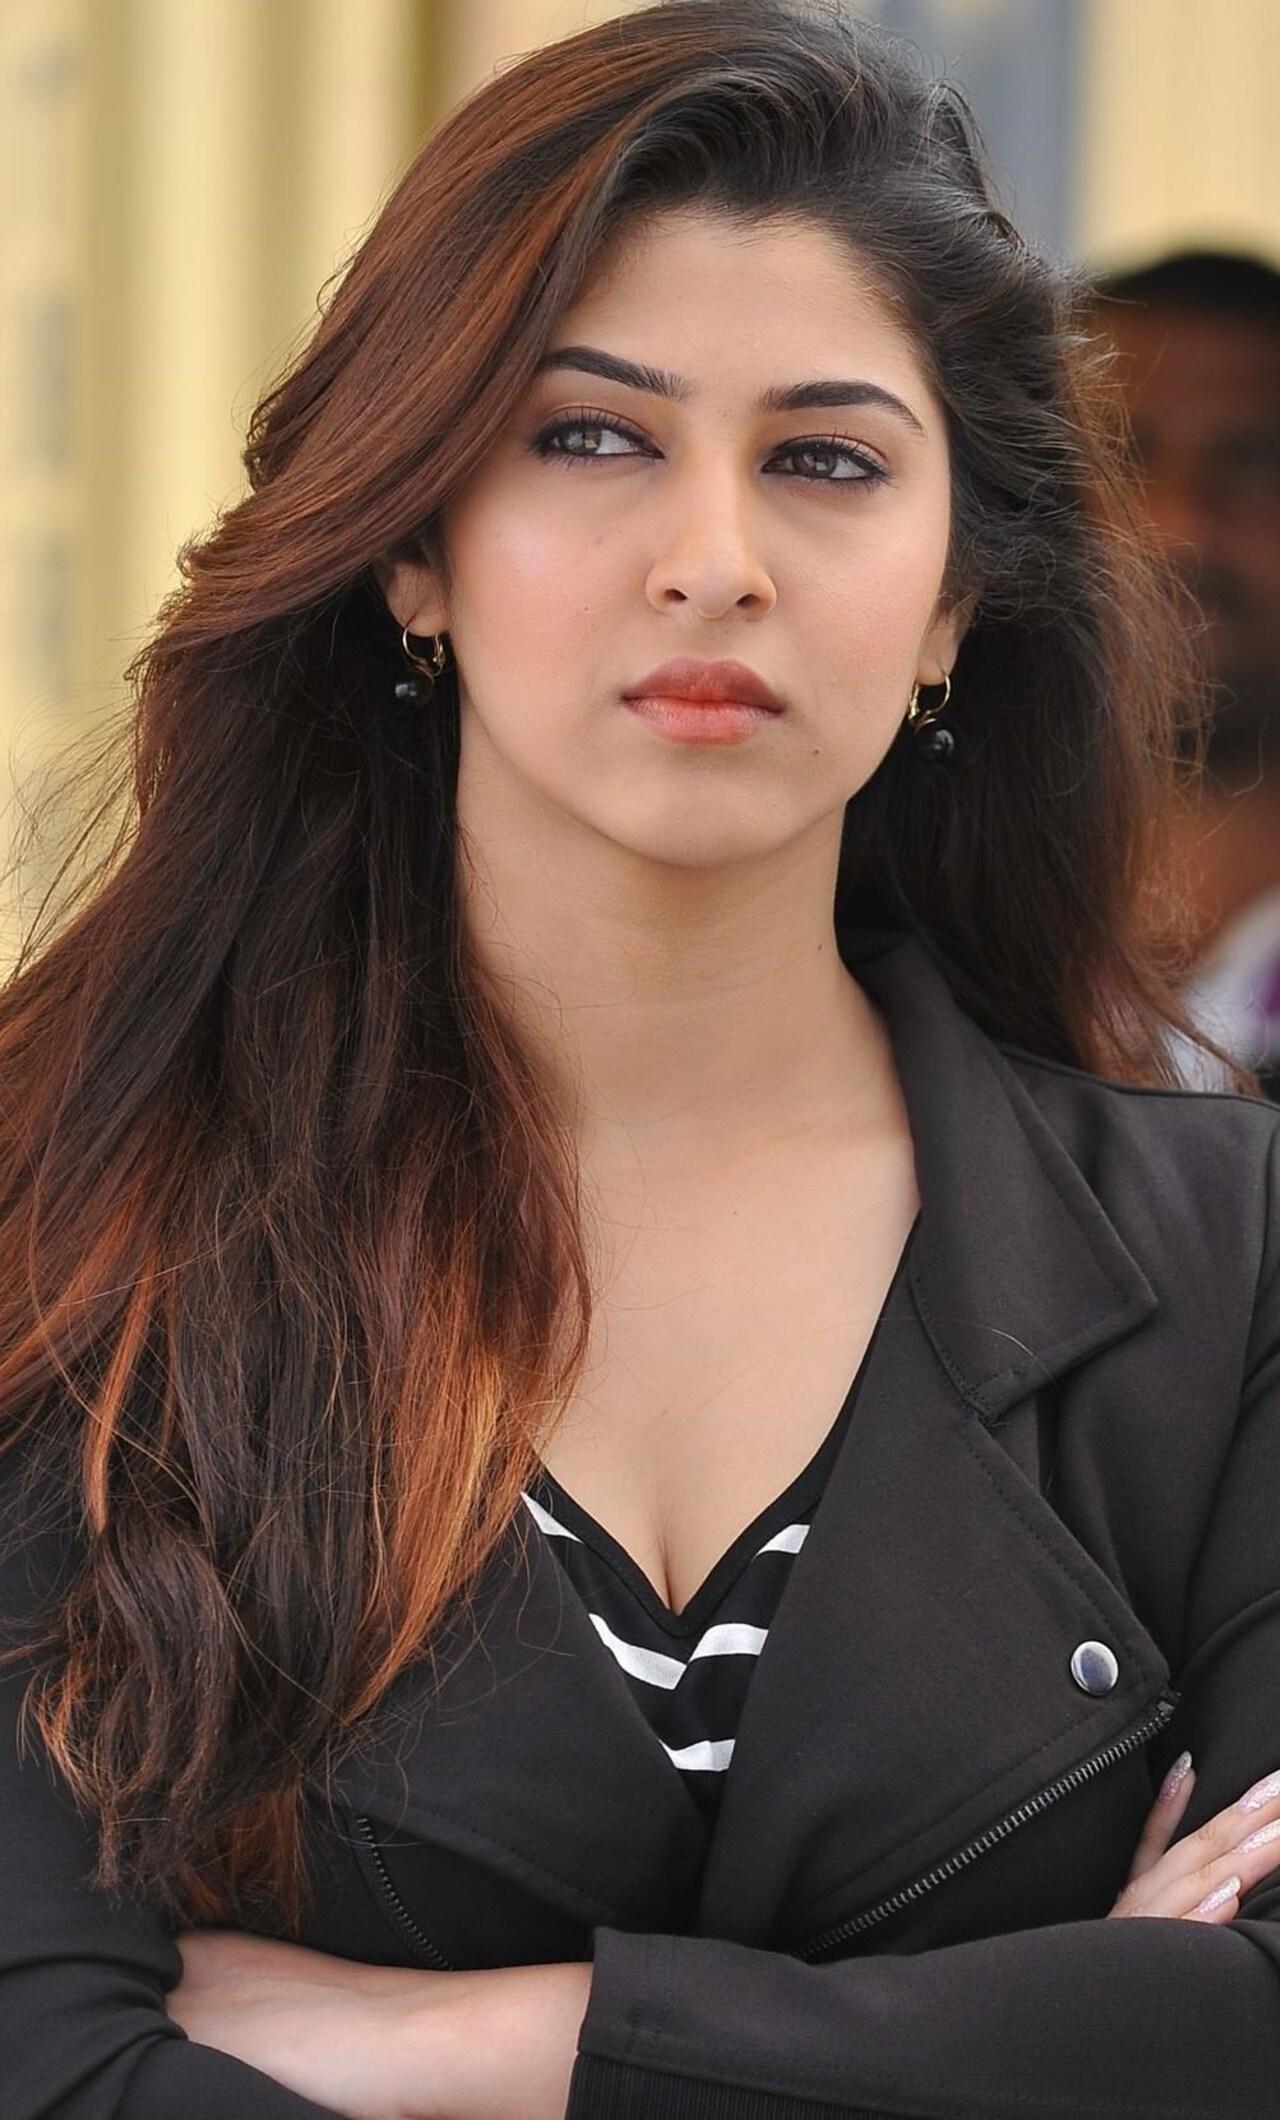 Cute Punjabi Girl Wallpaper Download 1280x2120 Sonarika Bhadoria 4 Iphone 6 Hd 4k Wallpapers